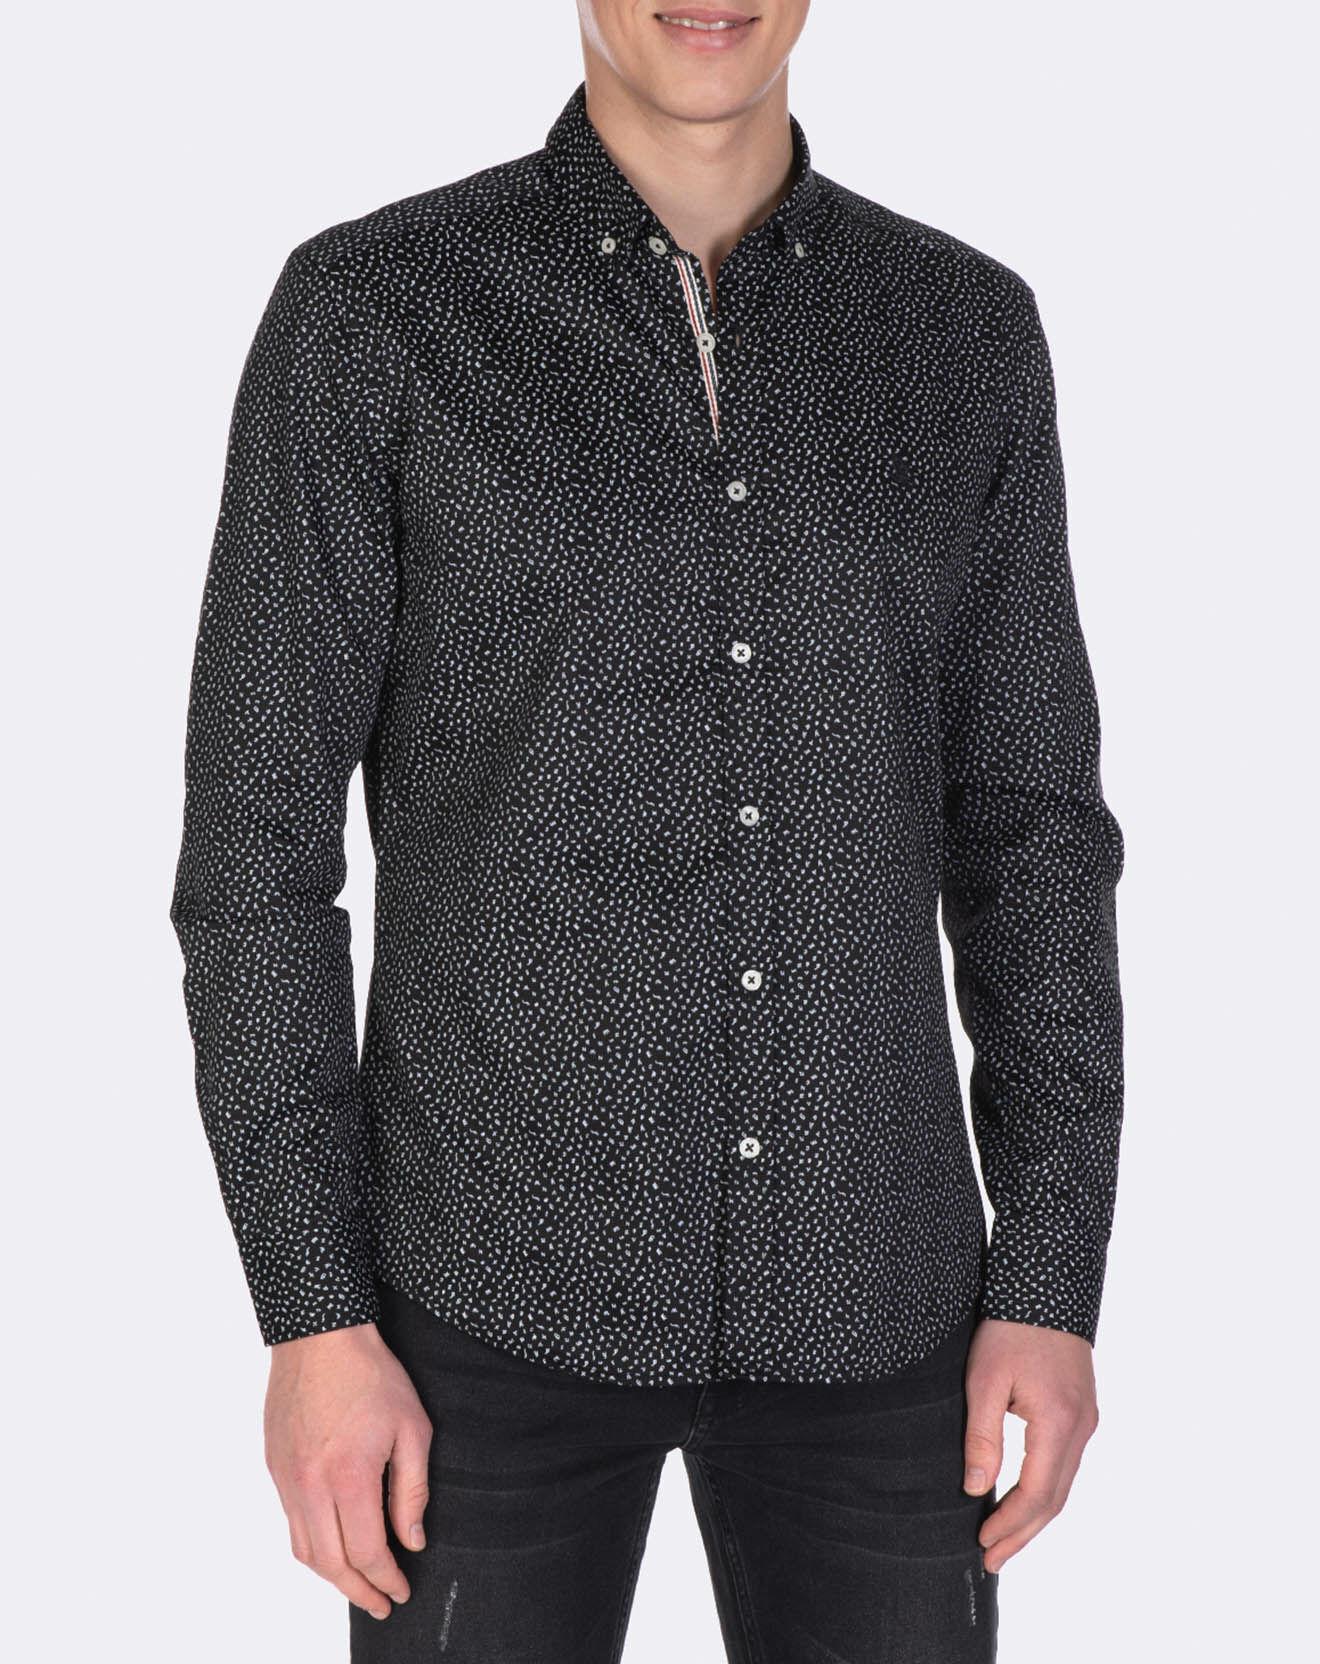 Chemise à petits imprimés noir/blanc